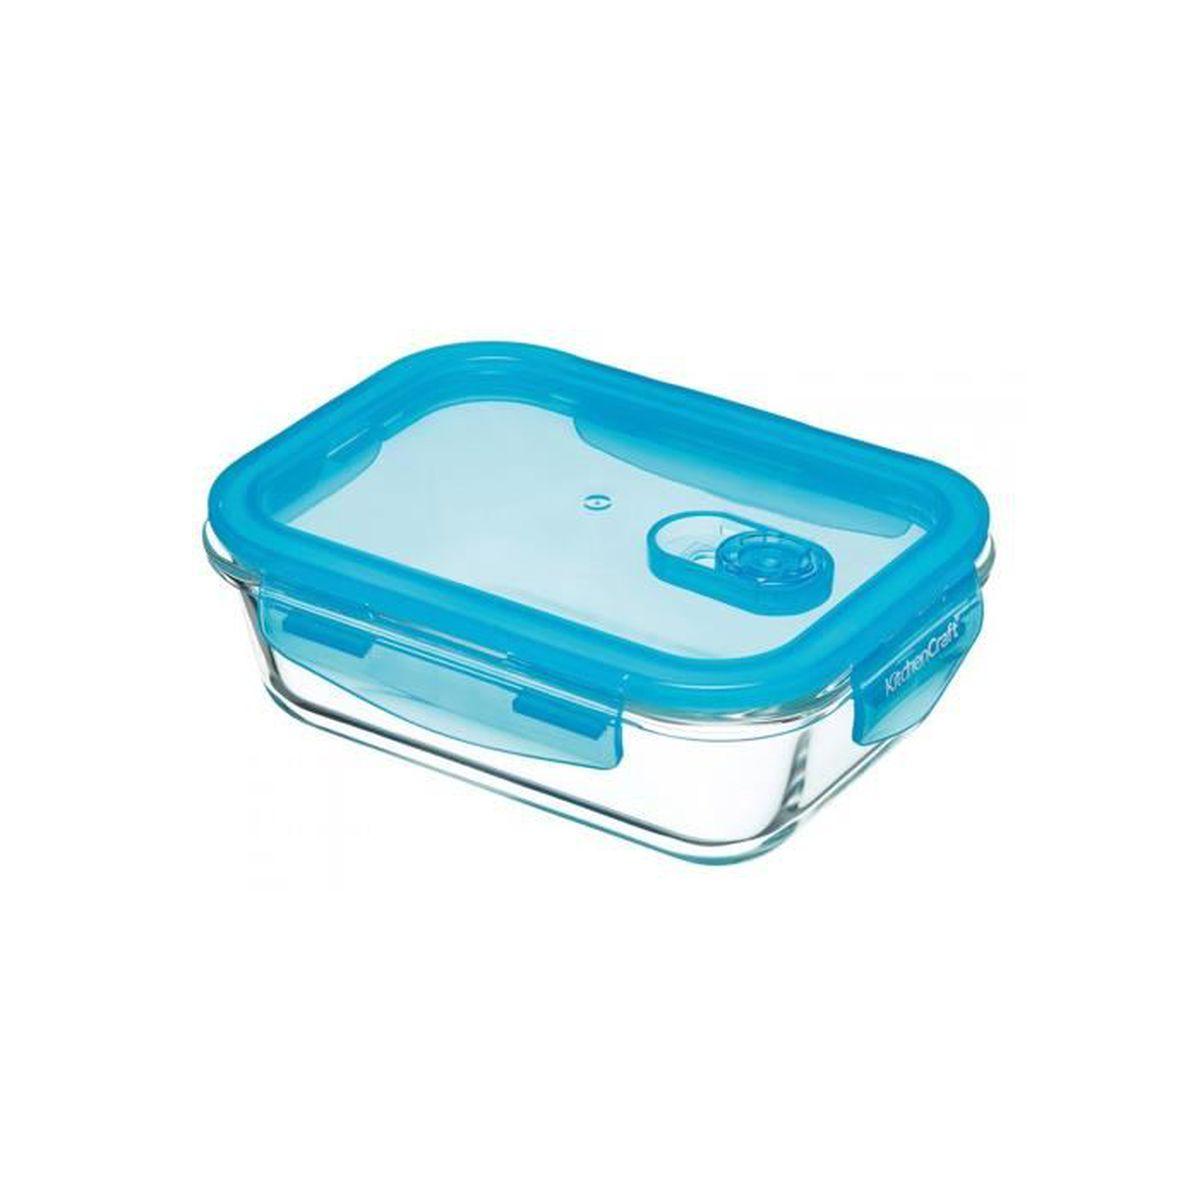 BOITES DE CONSERVATION Boîte verre 0,6 litre